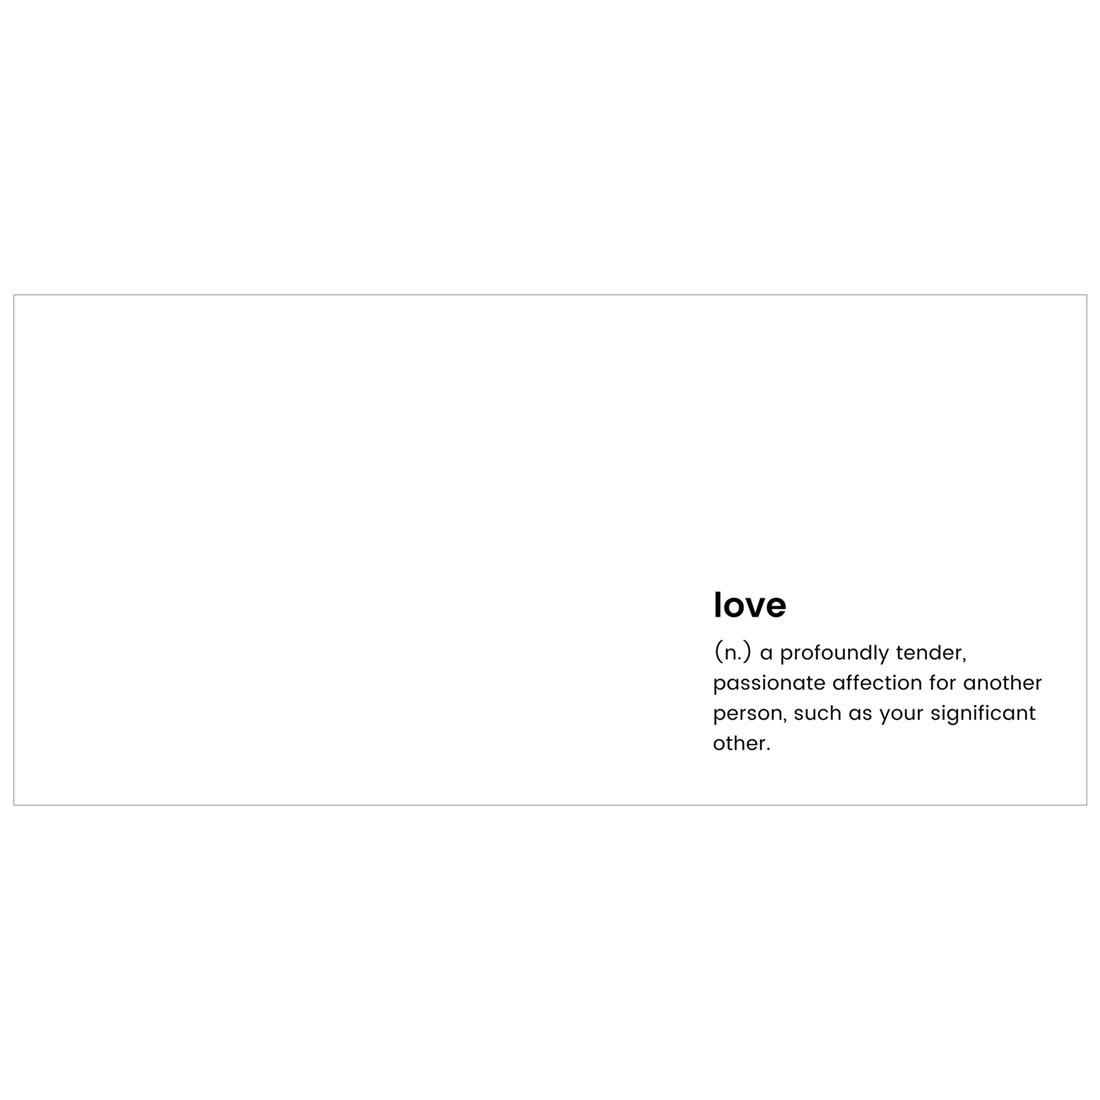 Love als Tasse von JUNIQE | JUNIQE CH